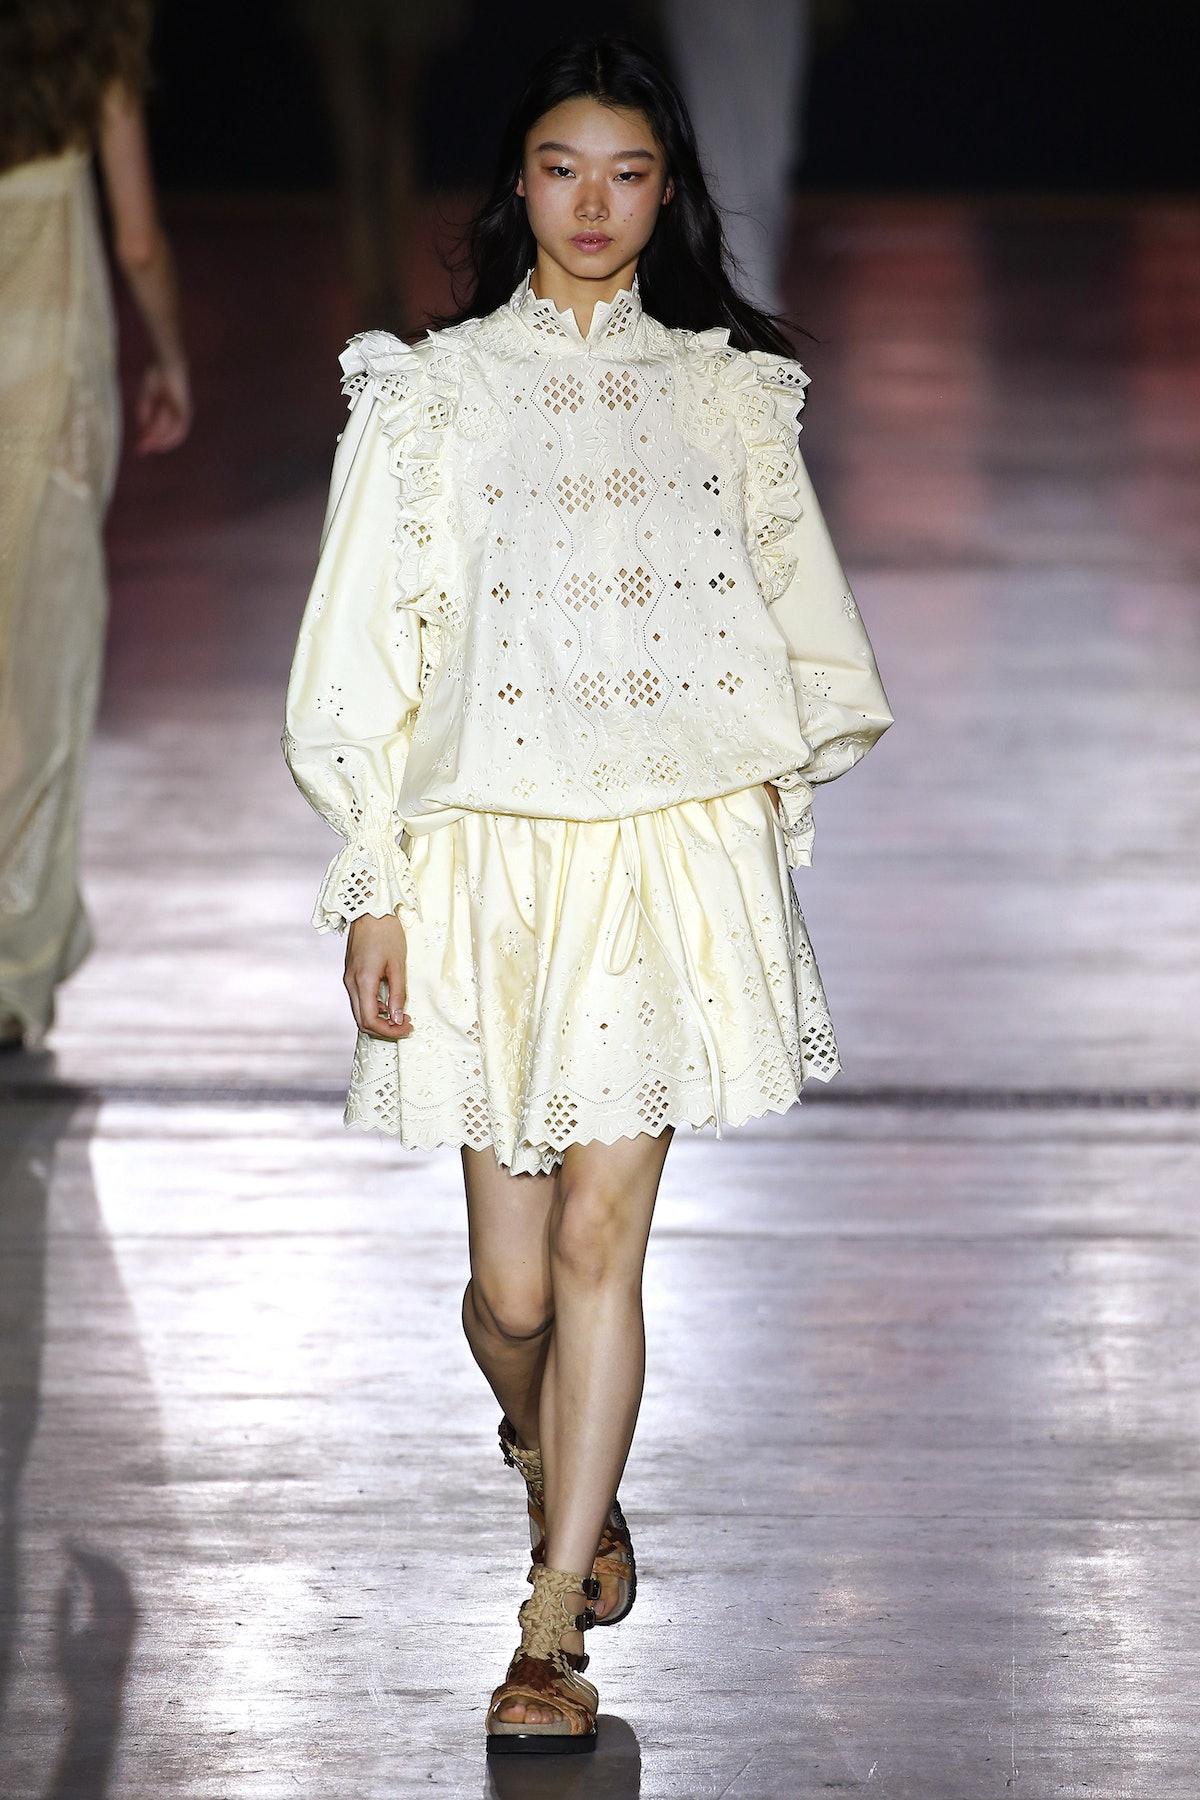 Alberta Ferretti - Runway - Milan Fashion Week Spring/Summer 2019